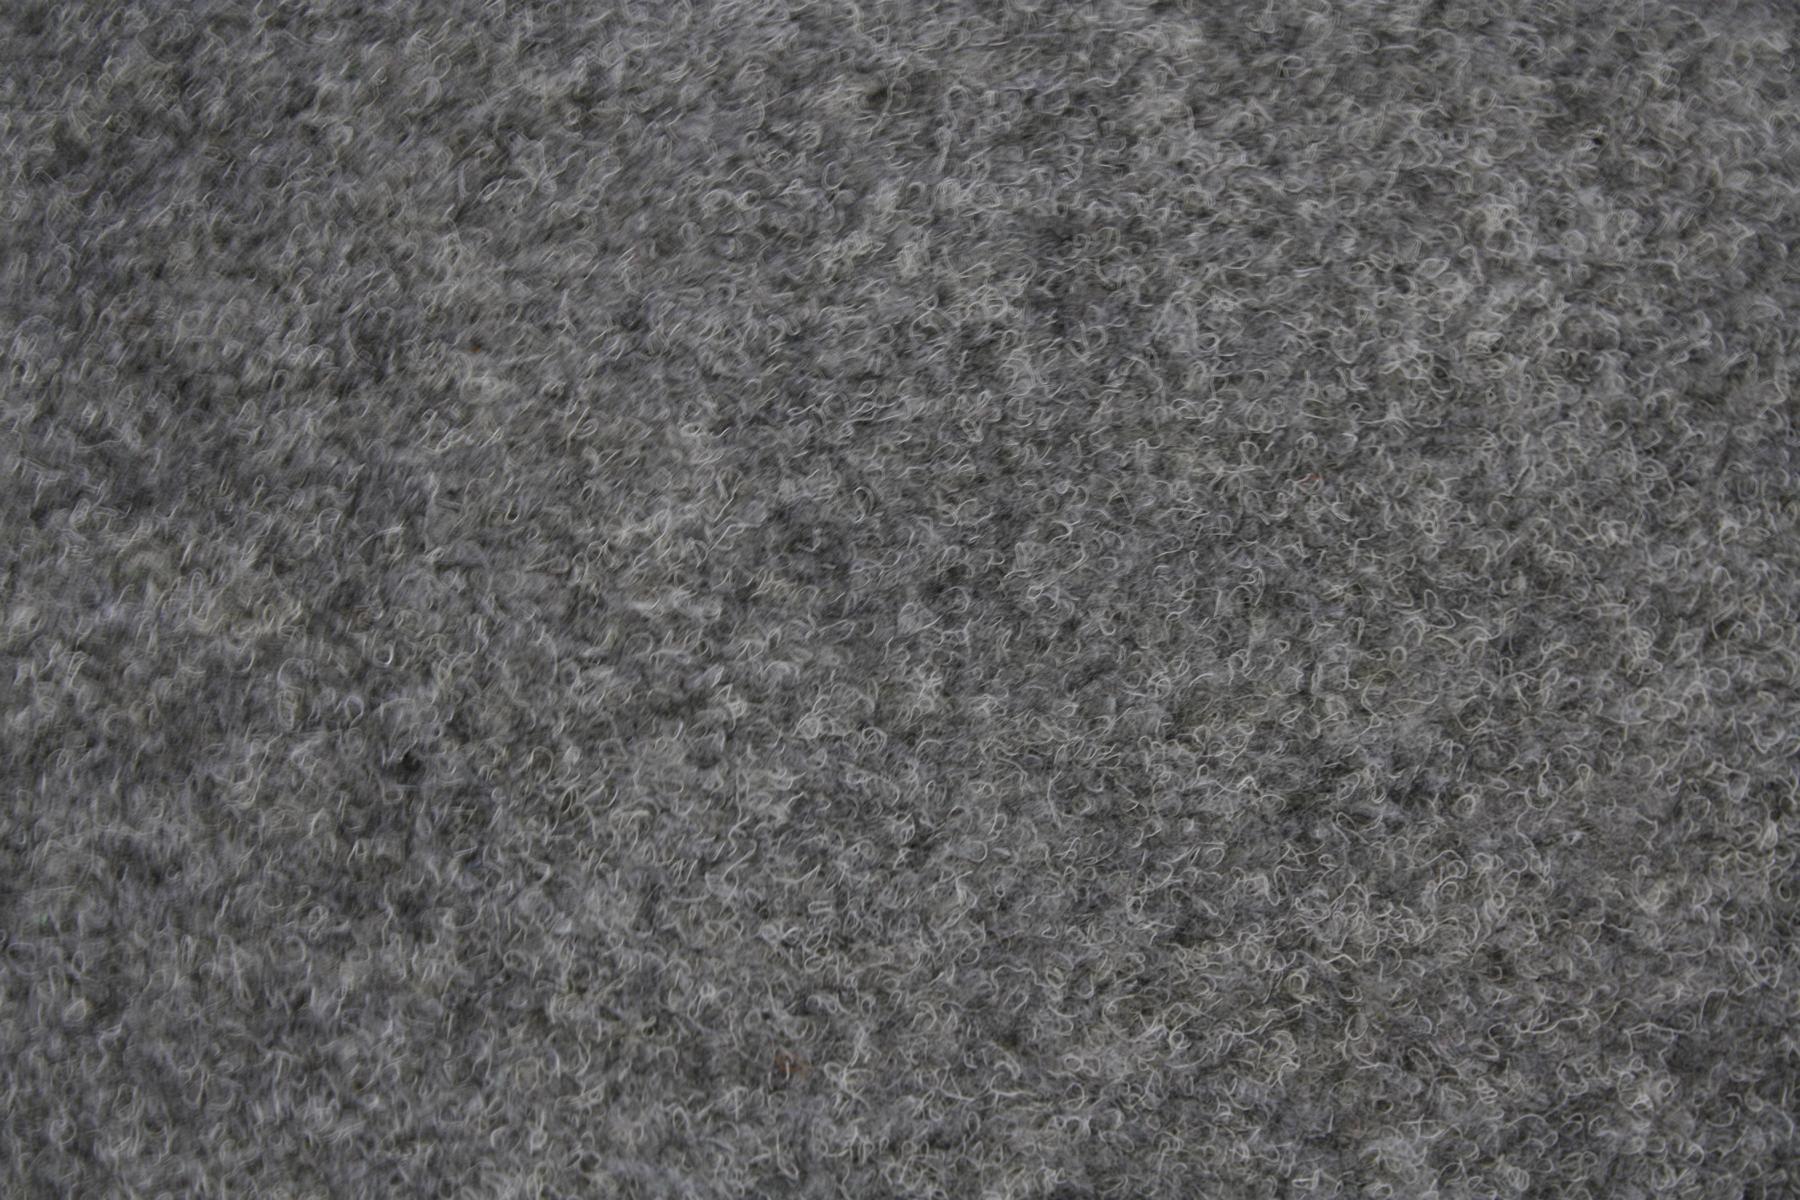 Gazon synth tique gris clair tapis de gazon gazon artificiel qualit sup rieure gris - Gazon synthetique gris ...